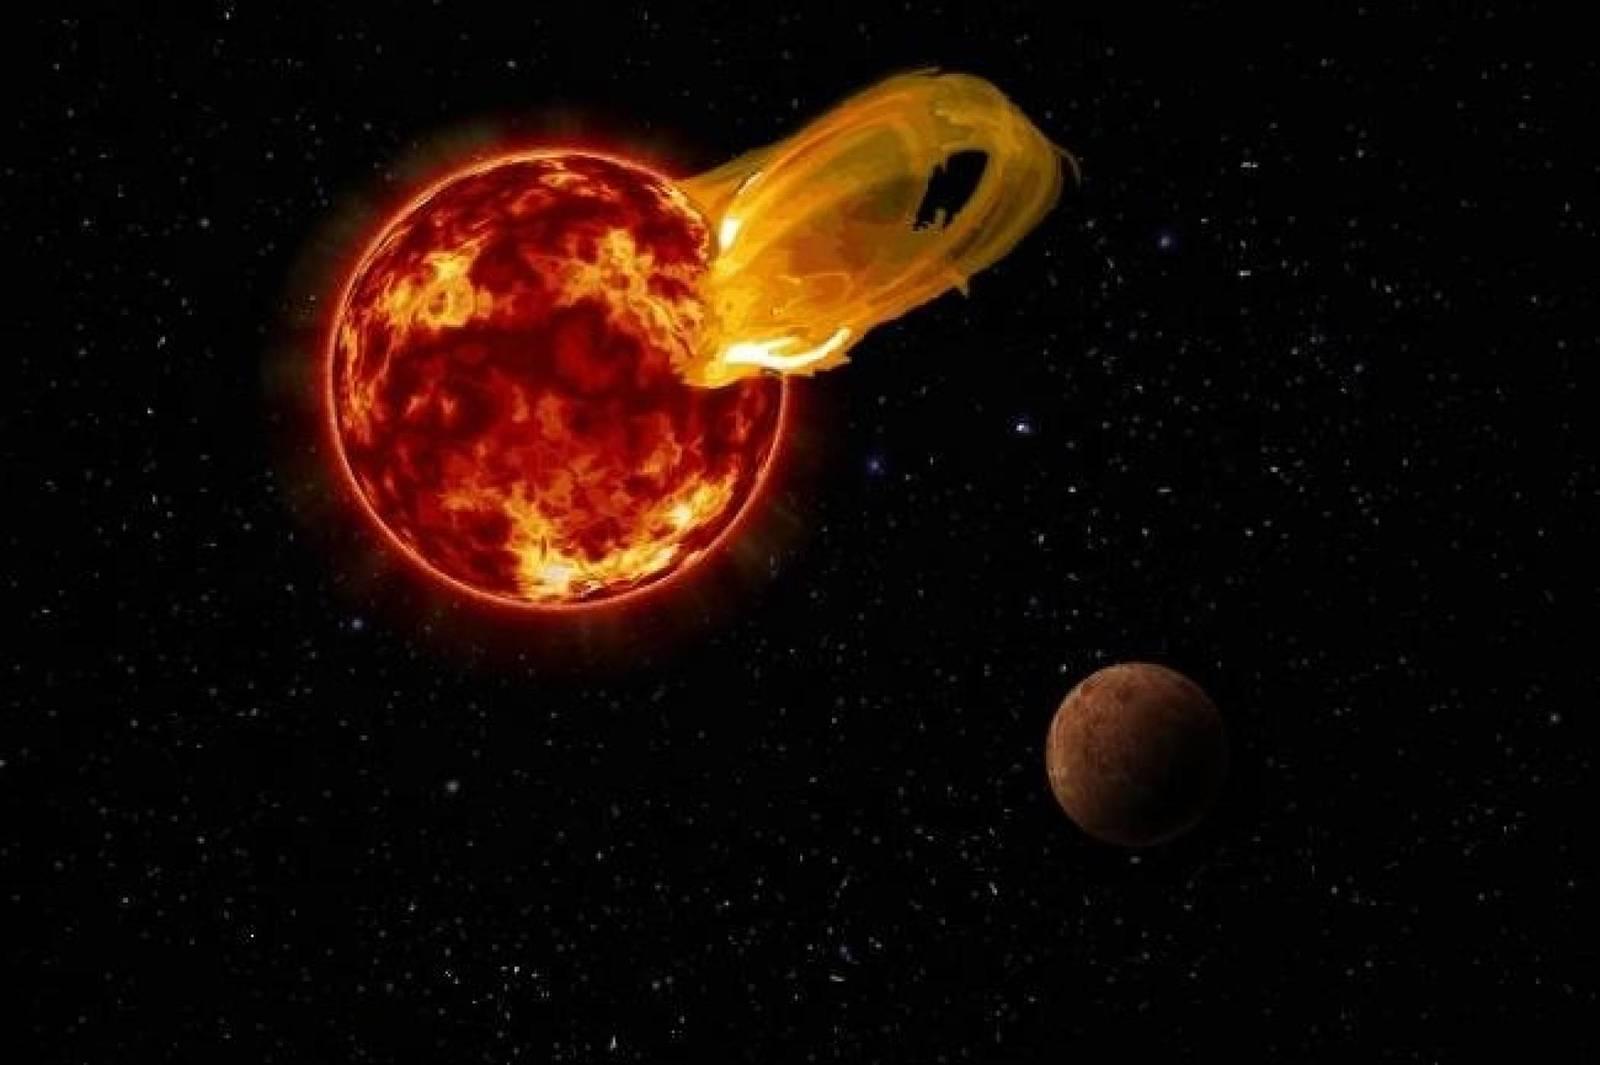 Любая возможная форма жизни на планете Проксима b была уничтожена